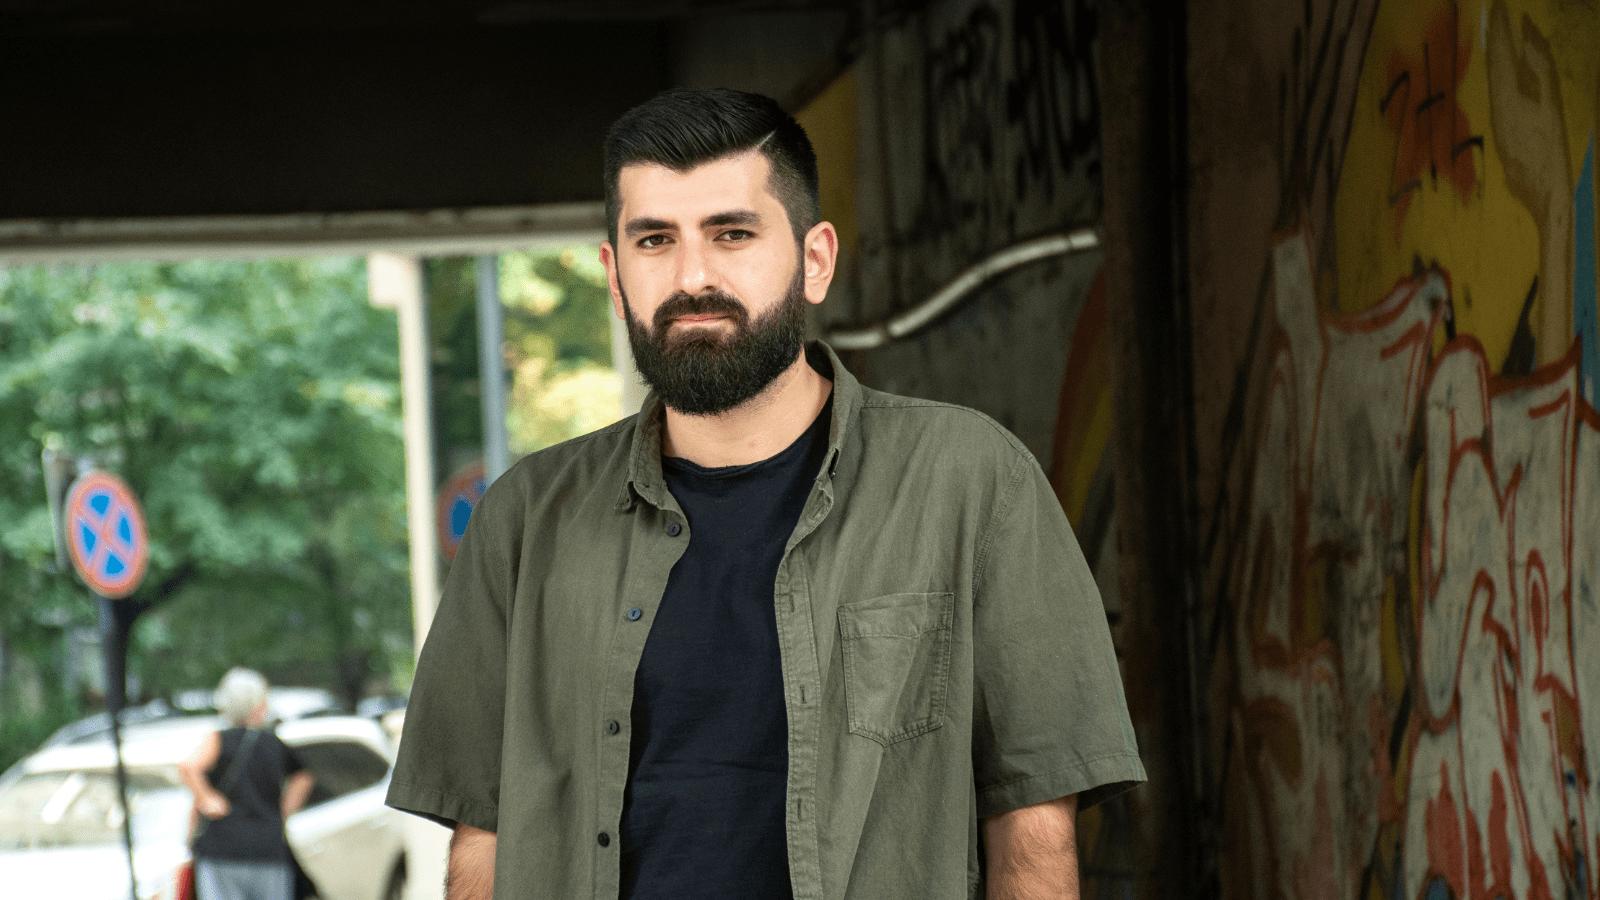 Basti Mgaloblishvili 1 #общество EUvsDisinfo, featured, грузинские журналисты, Грузия, дезинформация, евросоюз, ес, журналистика, свобода слова в Грузии, спонсорский контент